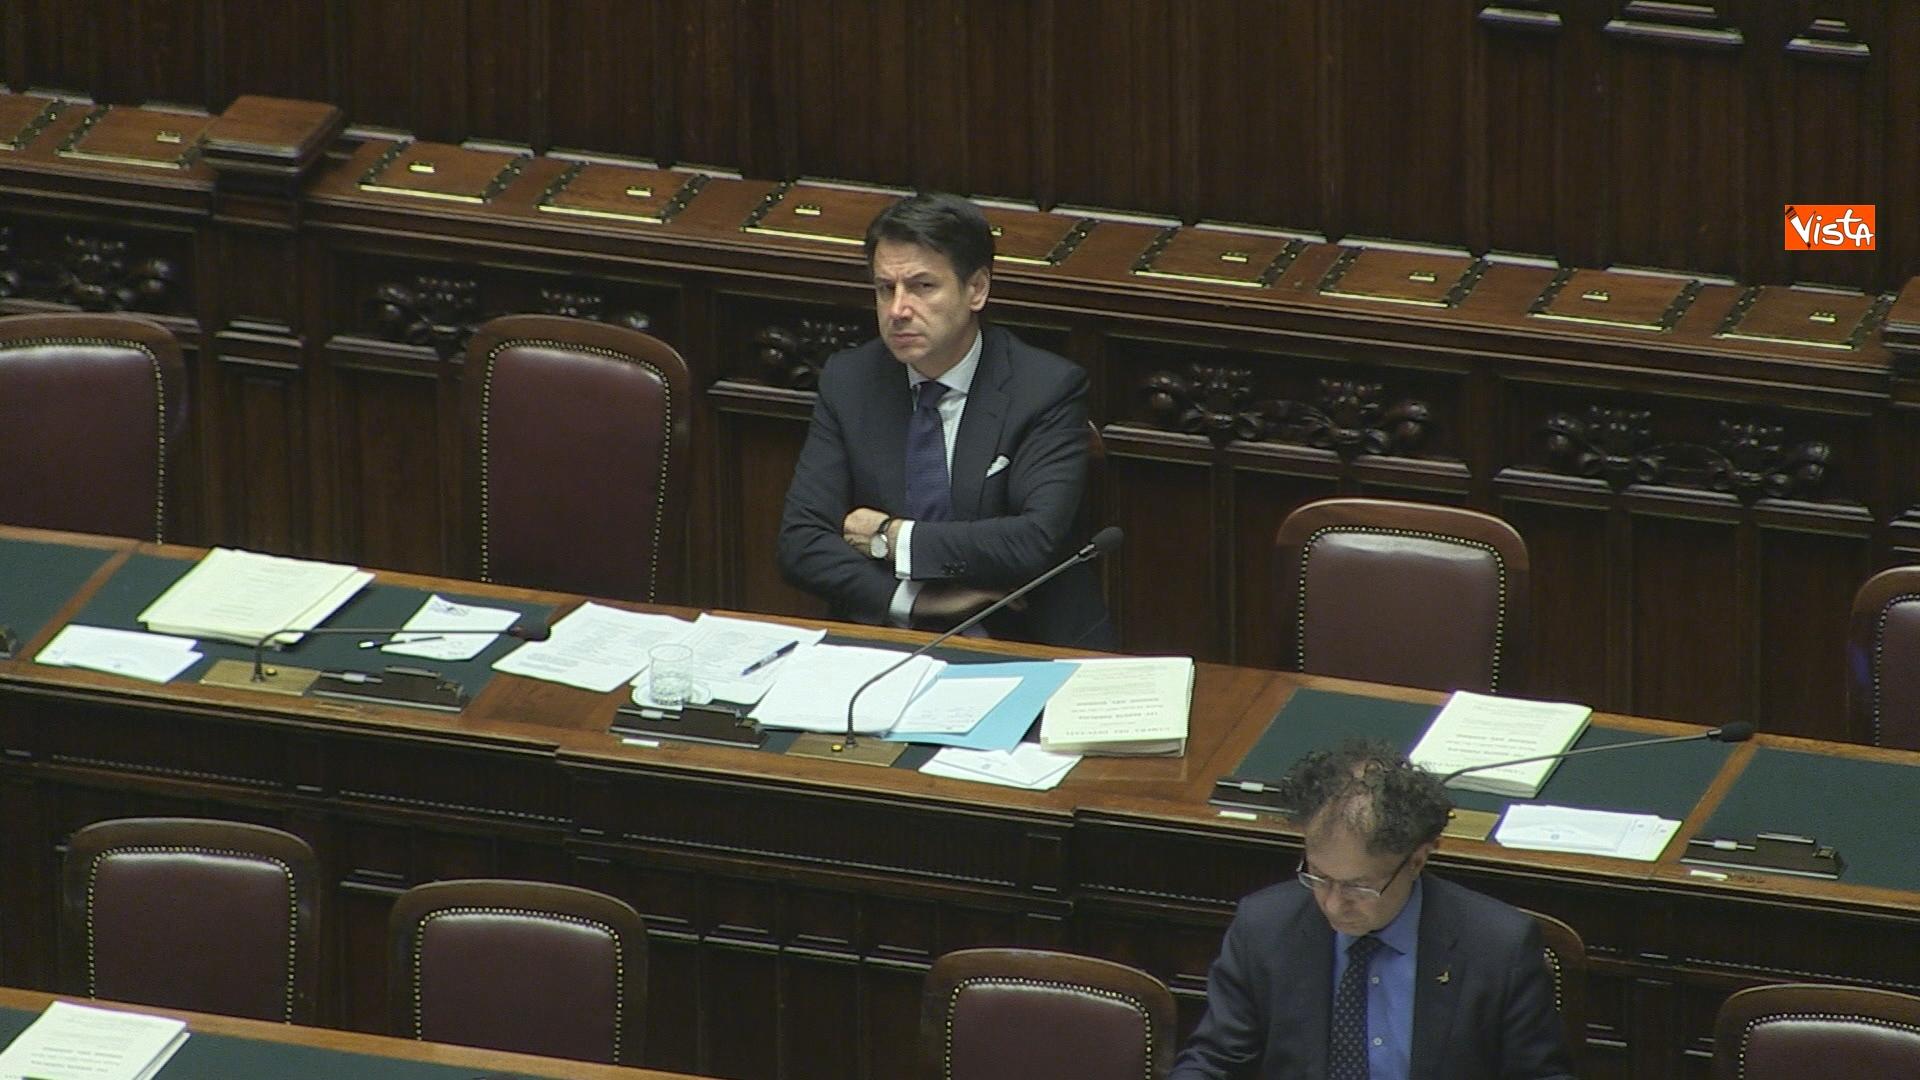 19-03-19 Conte riferisce in Aula Camera su Consiglio Ue e Via della seta immagini_11